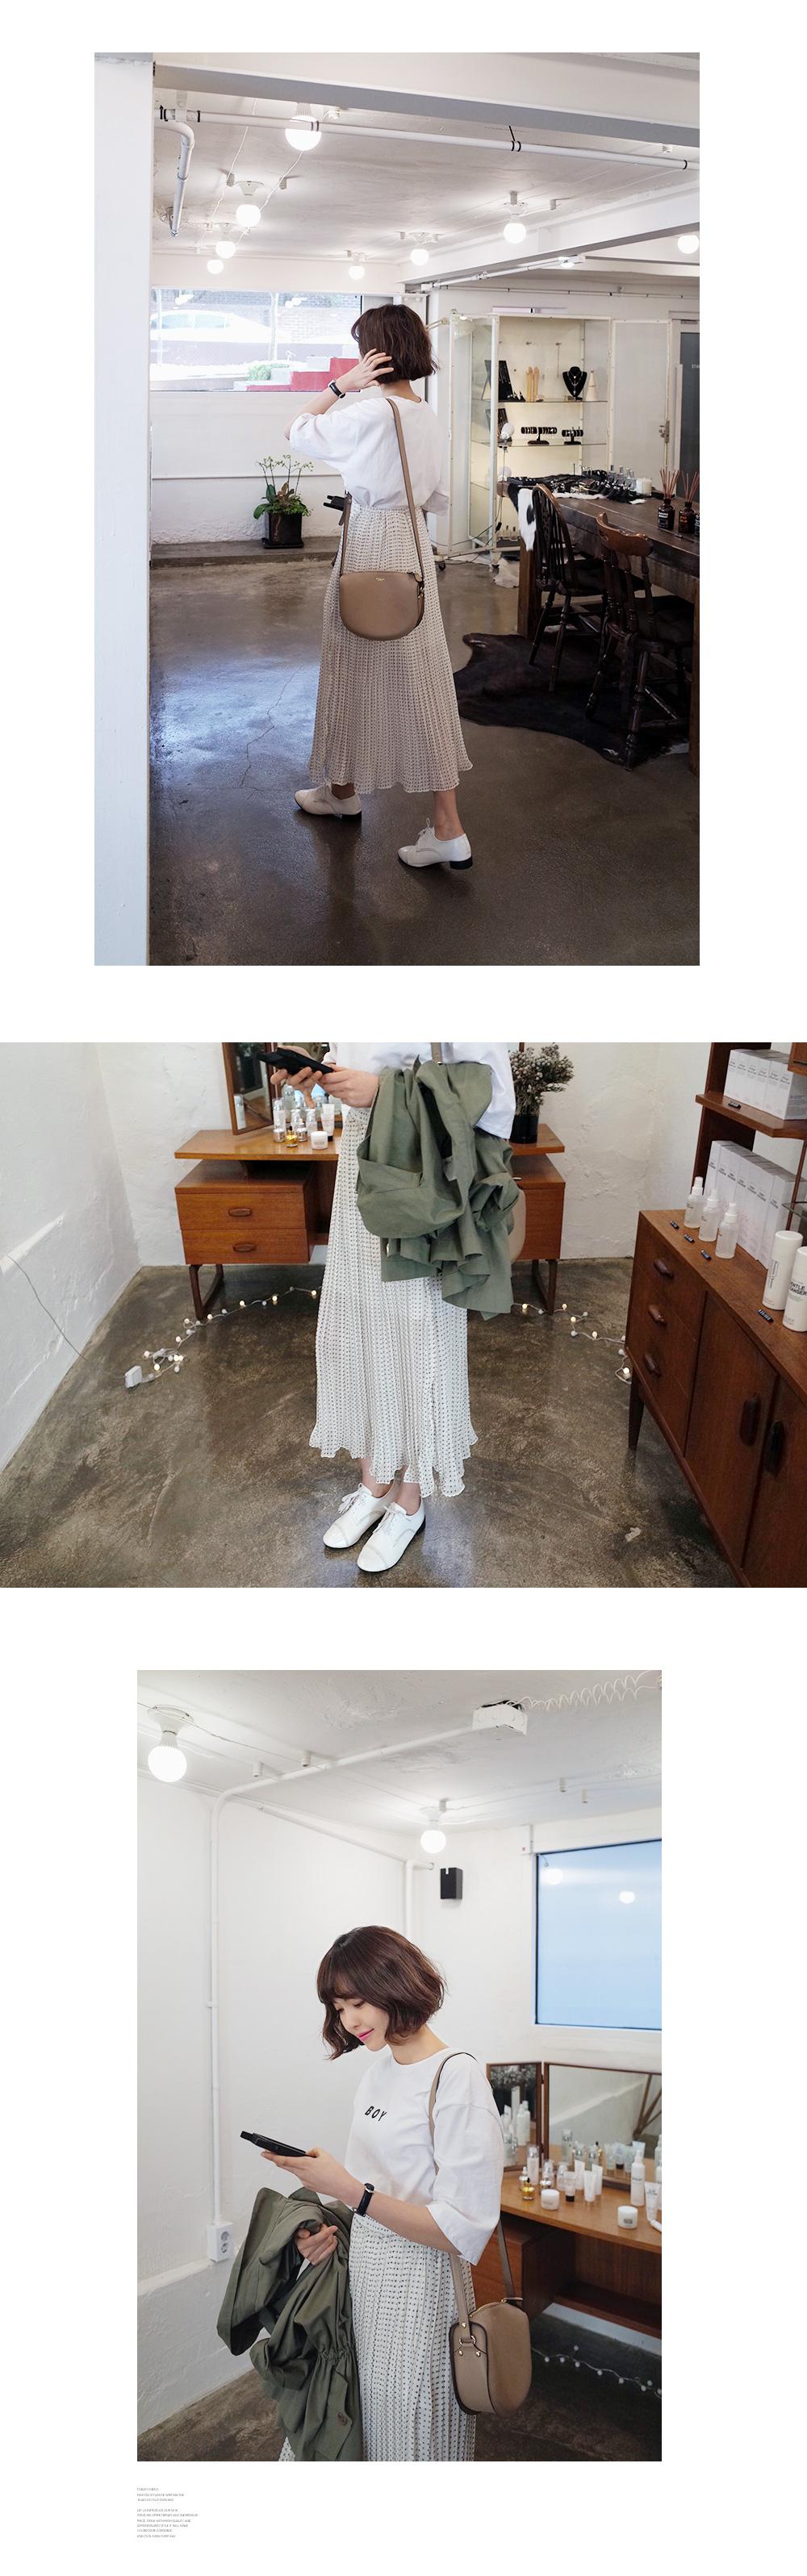 アコーディオンプリーツロングシフォンスカート・全2色スカートスカート|レディースファッション通販 DHOLICディーホリック [ファストファッション 水着 ワンピース]